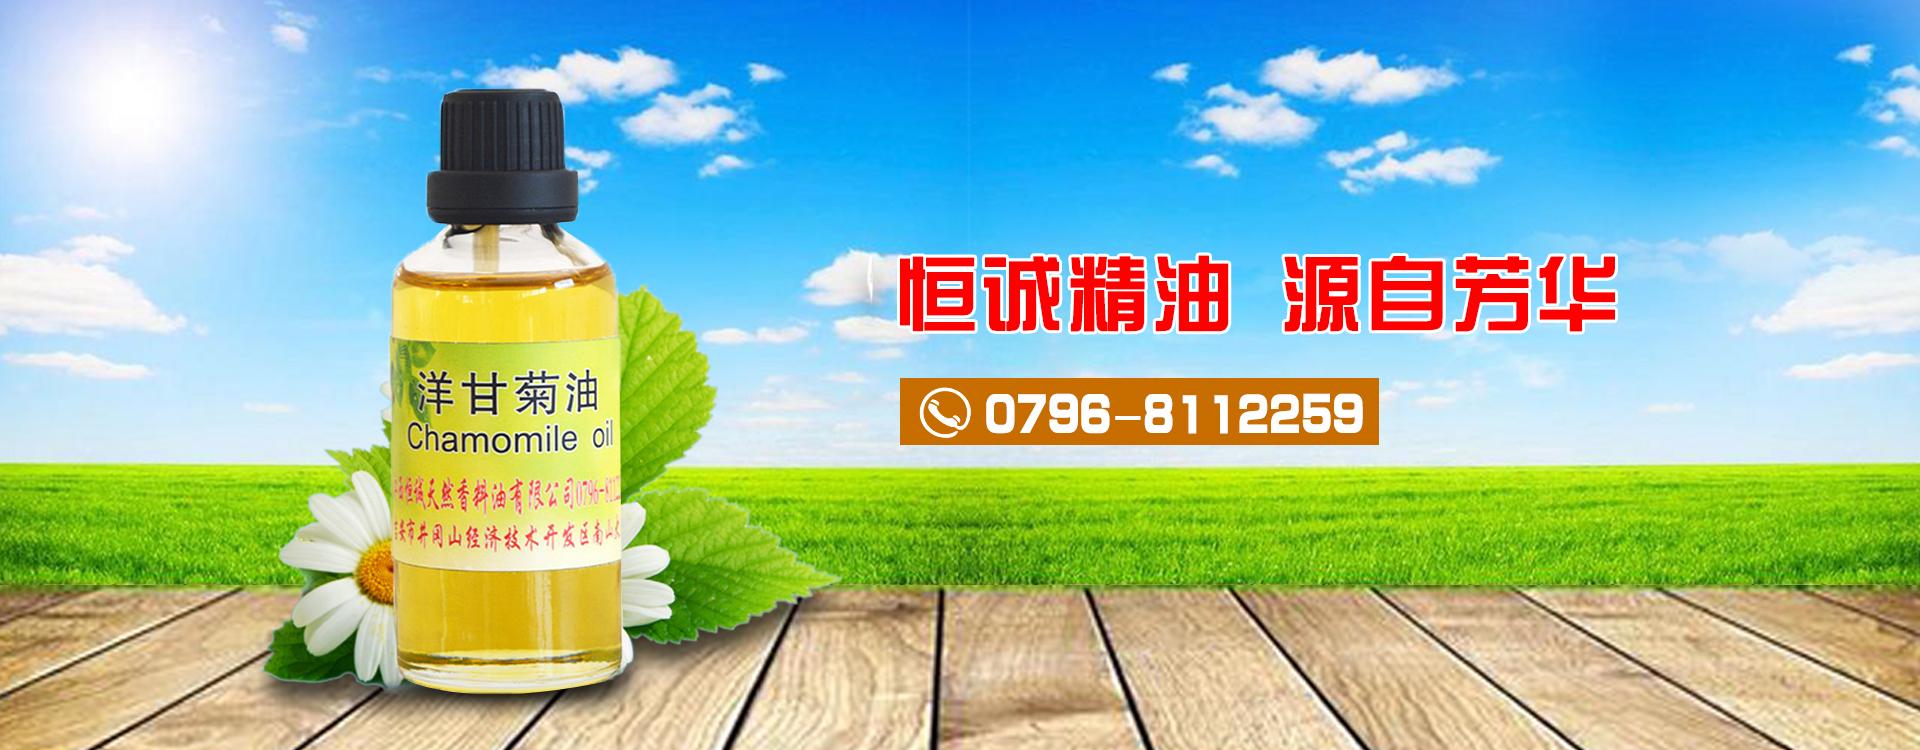 关于茶树油的正确打开方法你用对了吗